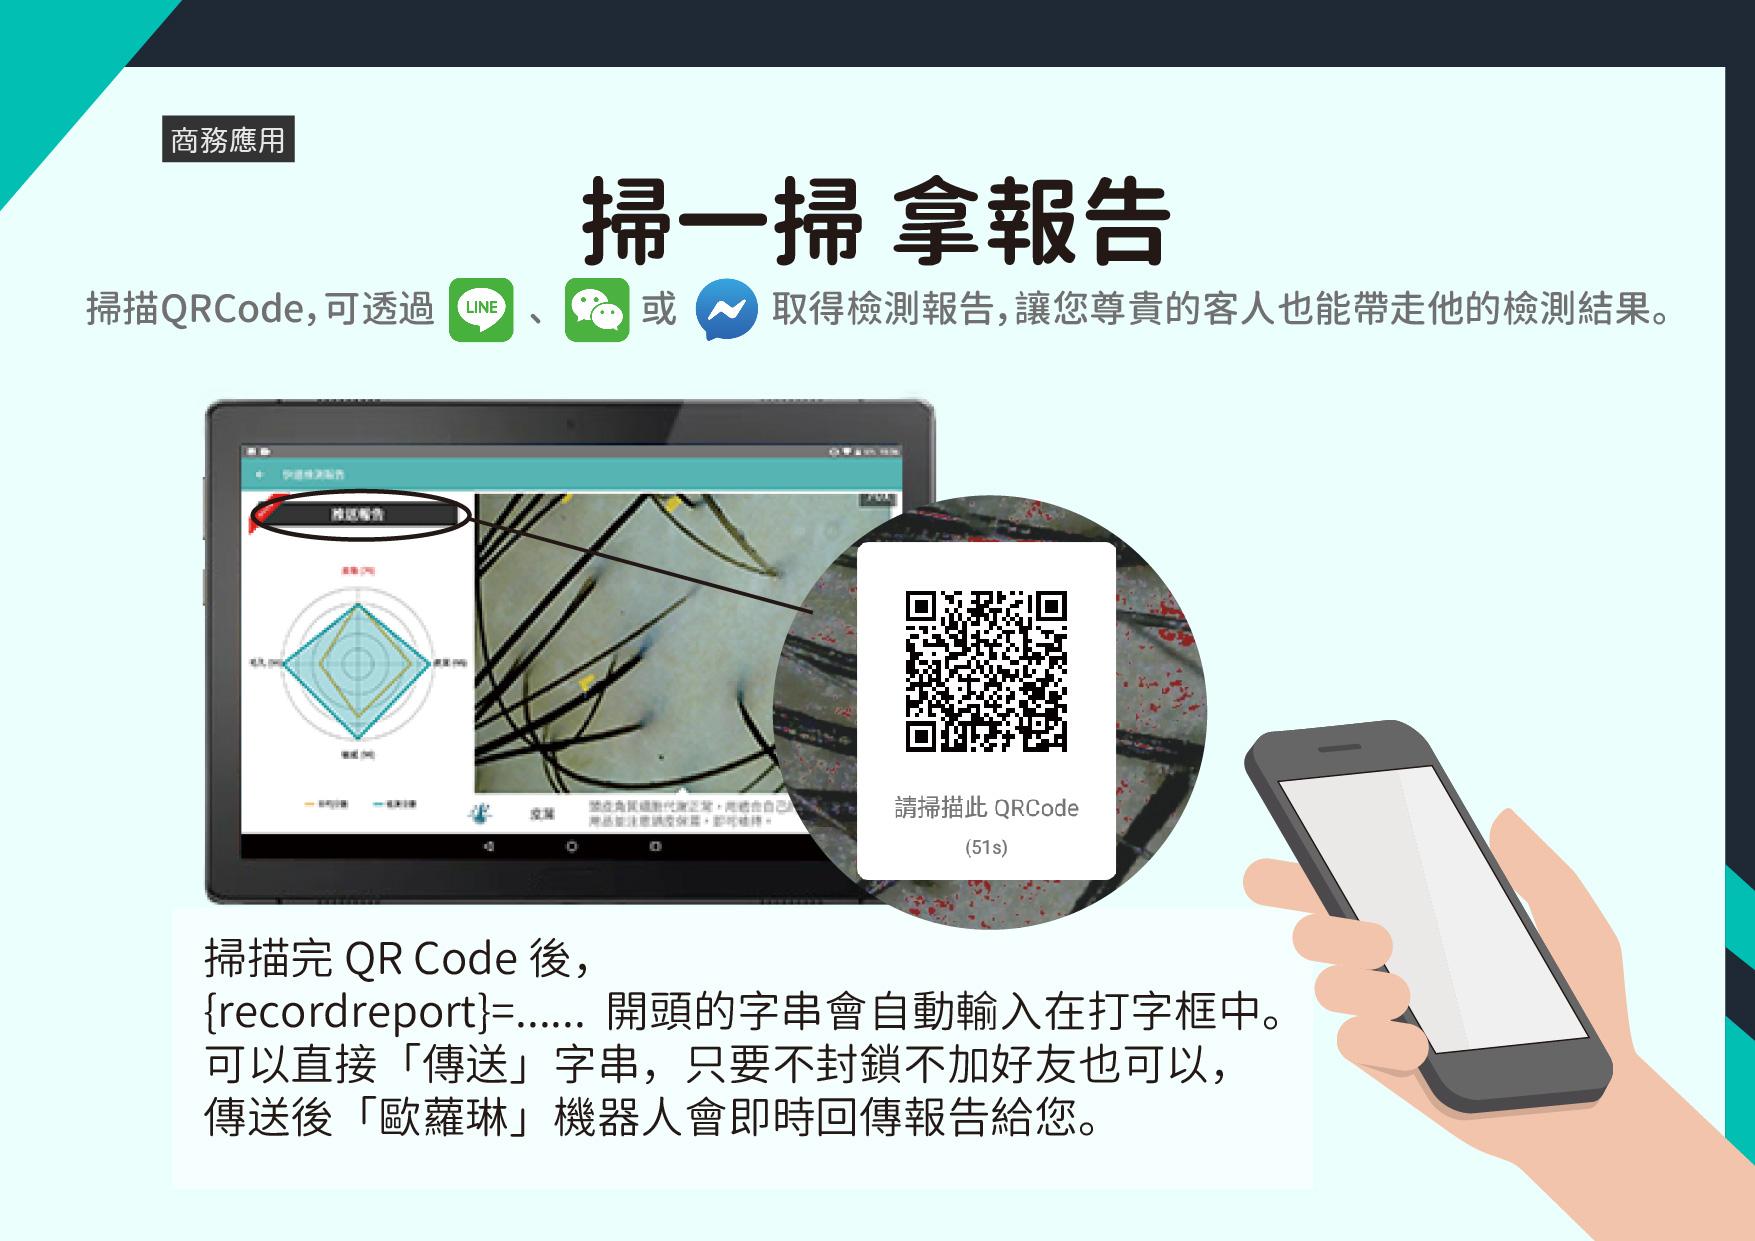 掃一掃 拿報告:掃描QRCode,可透過LINE或WeChat取得檢測報告,讓您尊貴的客人也能帶走他的檢測結果。